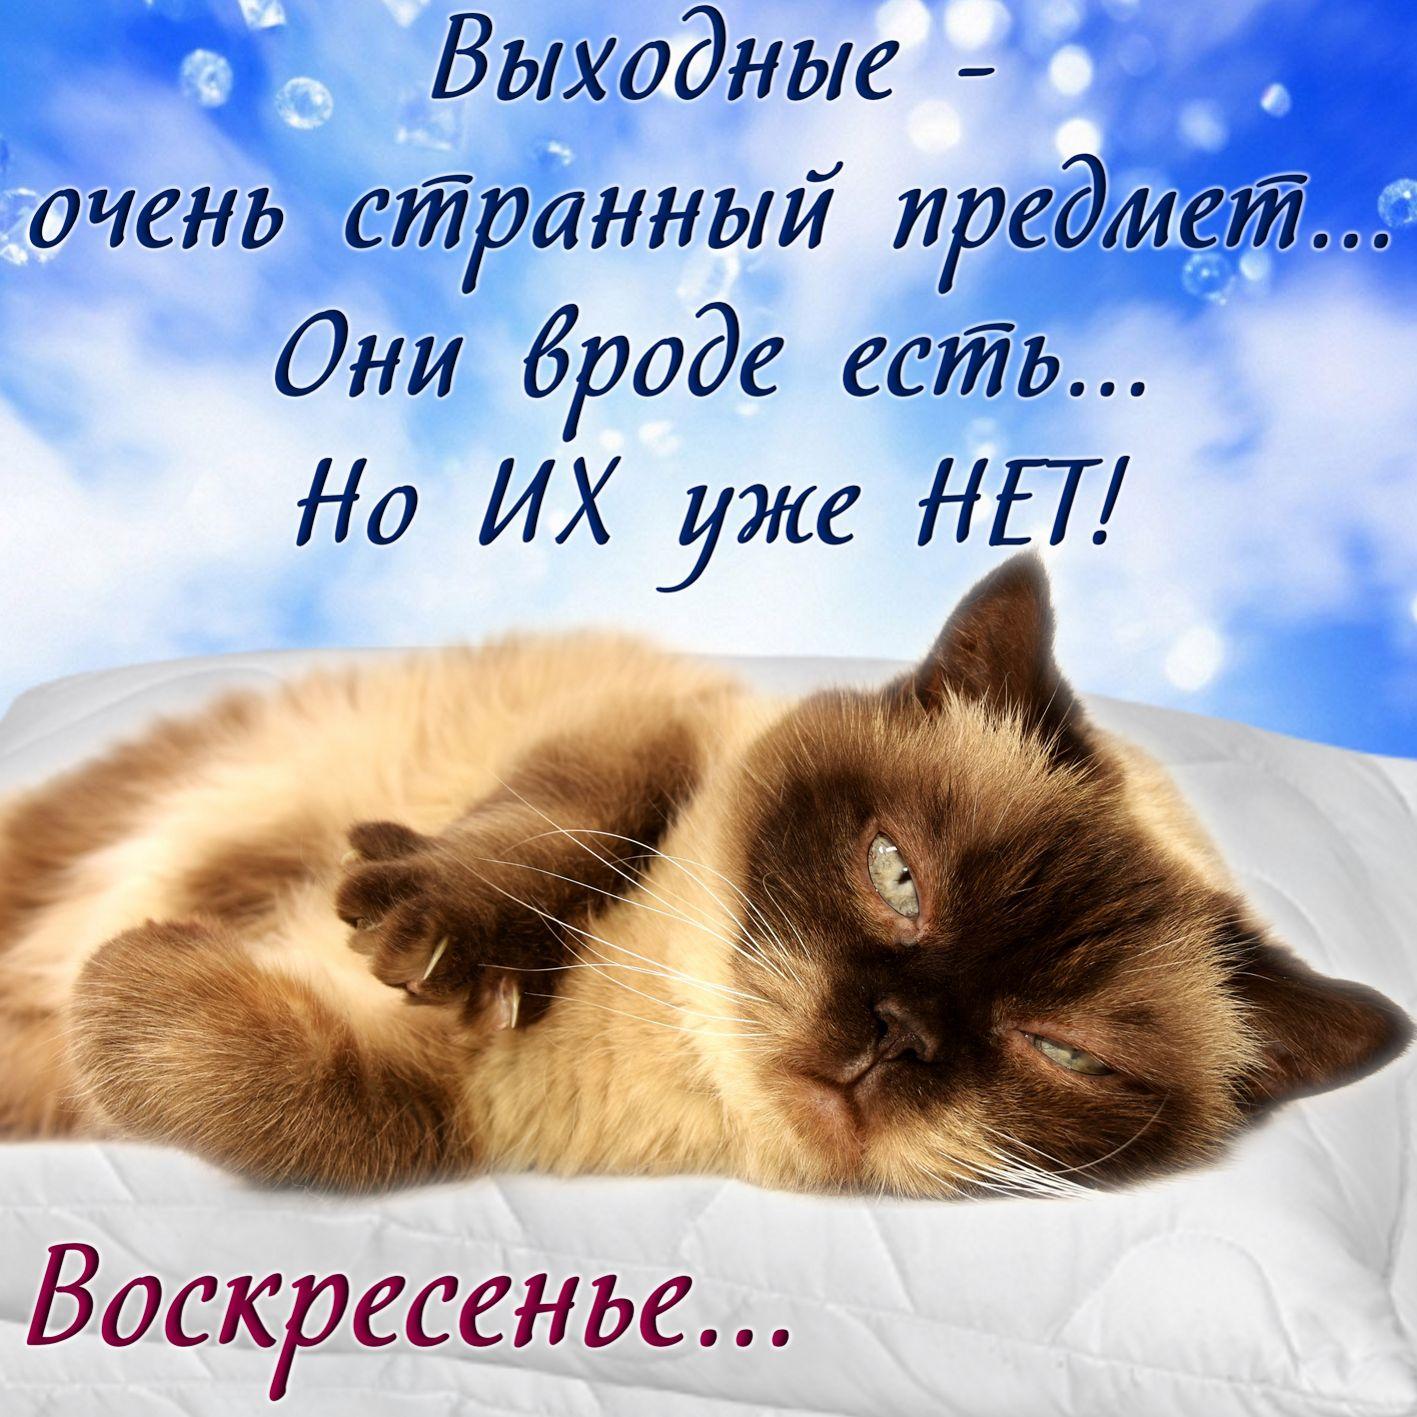 Открытка на воскресенье с красивым котиком